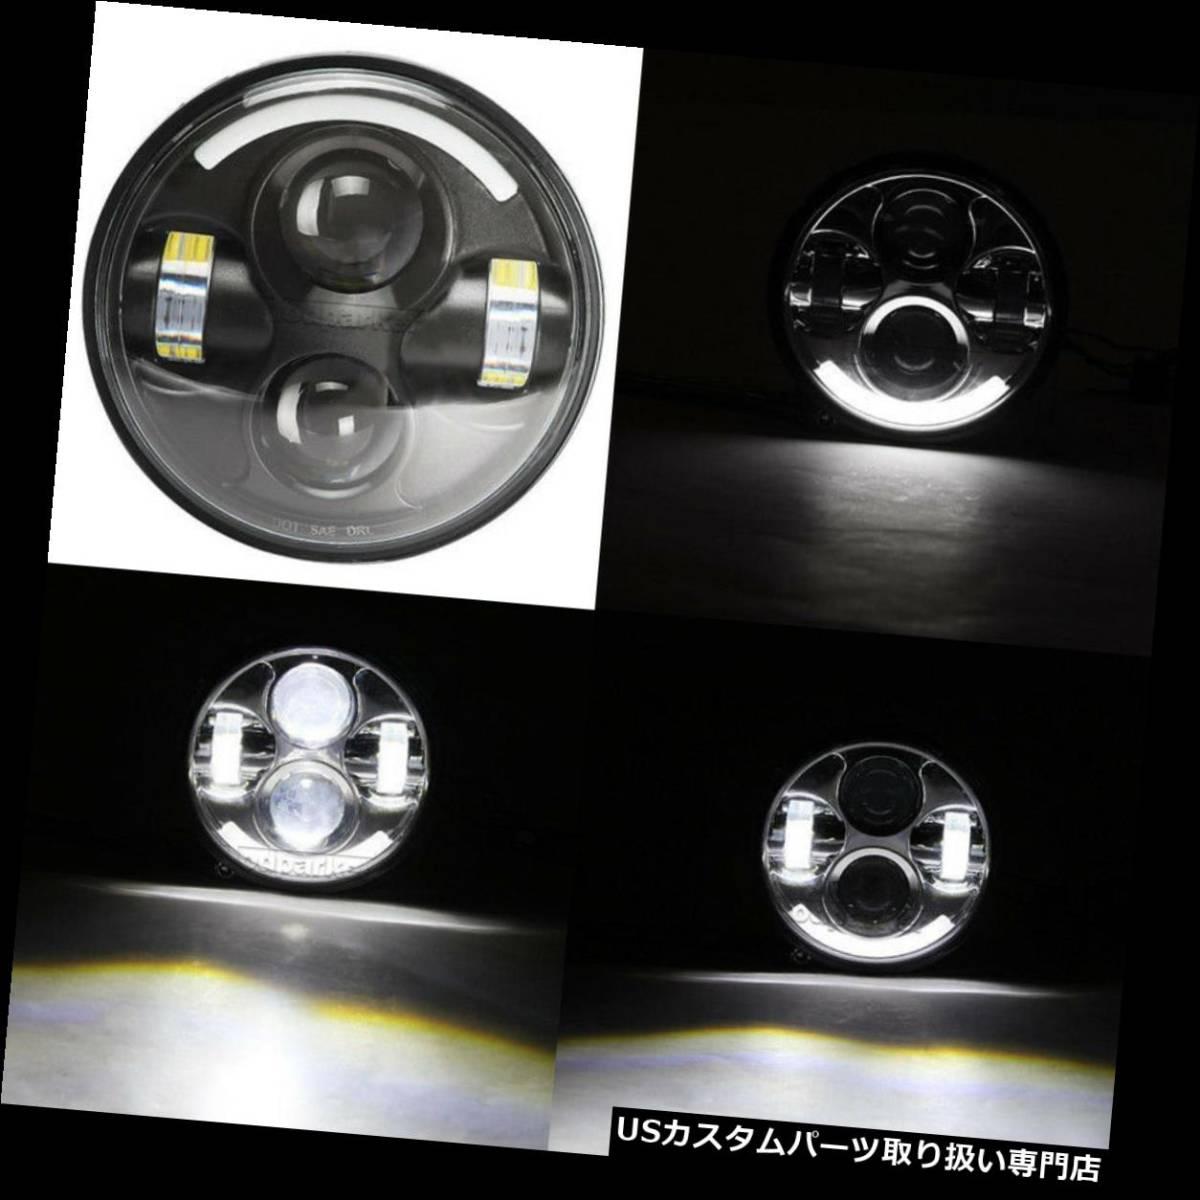 """USヘッドライト 5.75 """"LEDハイローTPプロジェクターヘッドライトハーレースポーツスターXL 1200 883 H4にフィ_画像1"""